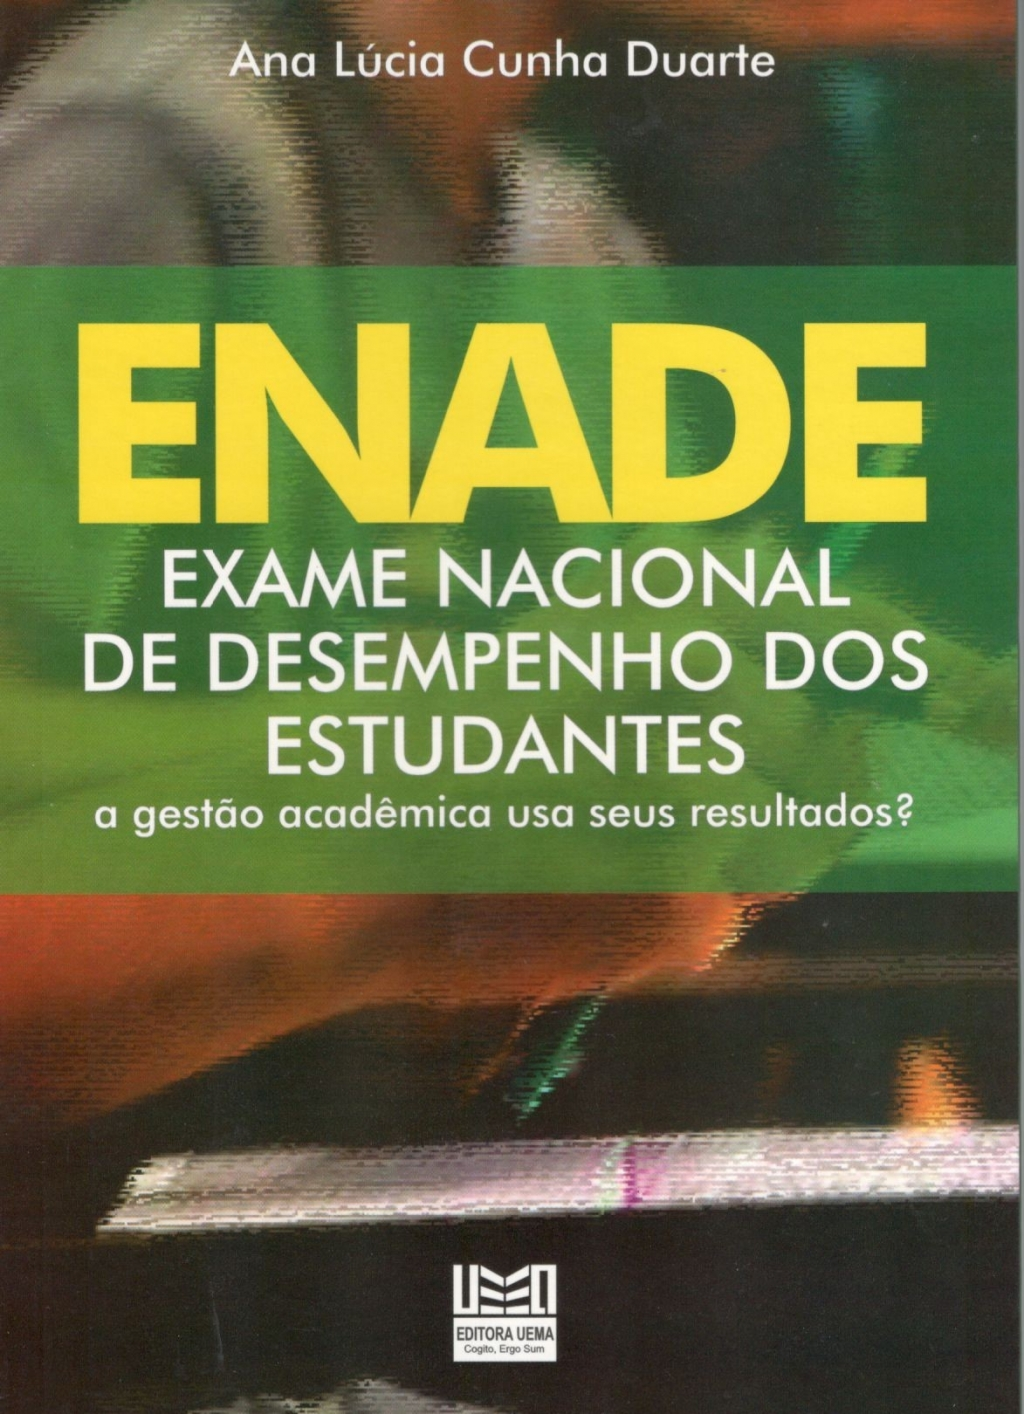 ENADE Exame Nacional De Desempenho Dos Estudantes A gestão acadêmica usa seus resultados?